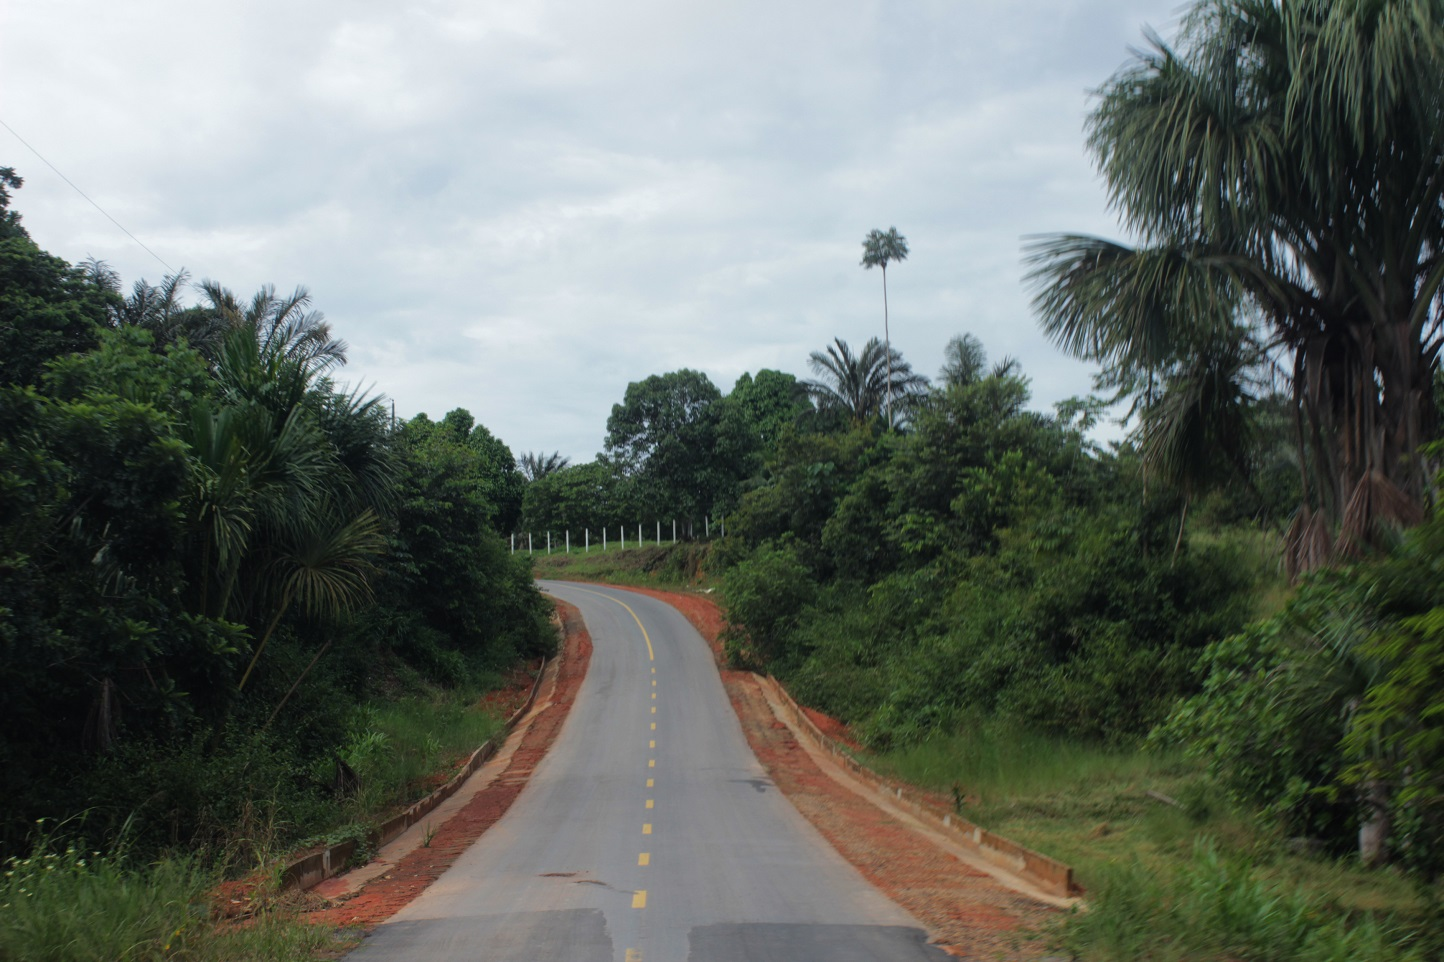 Obras de recuperação avançam na estrada de Novo Airão